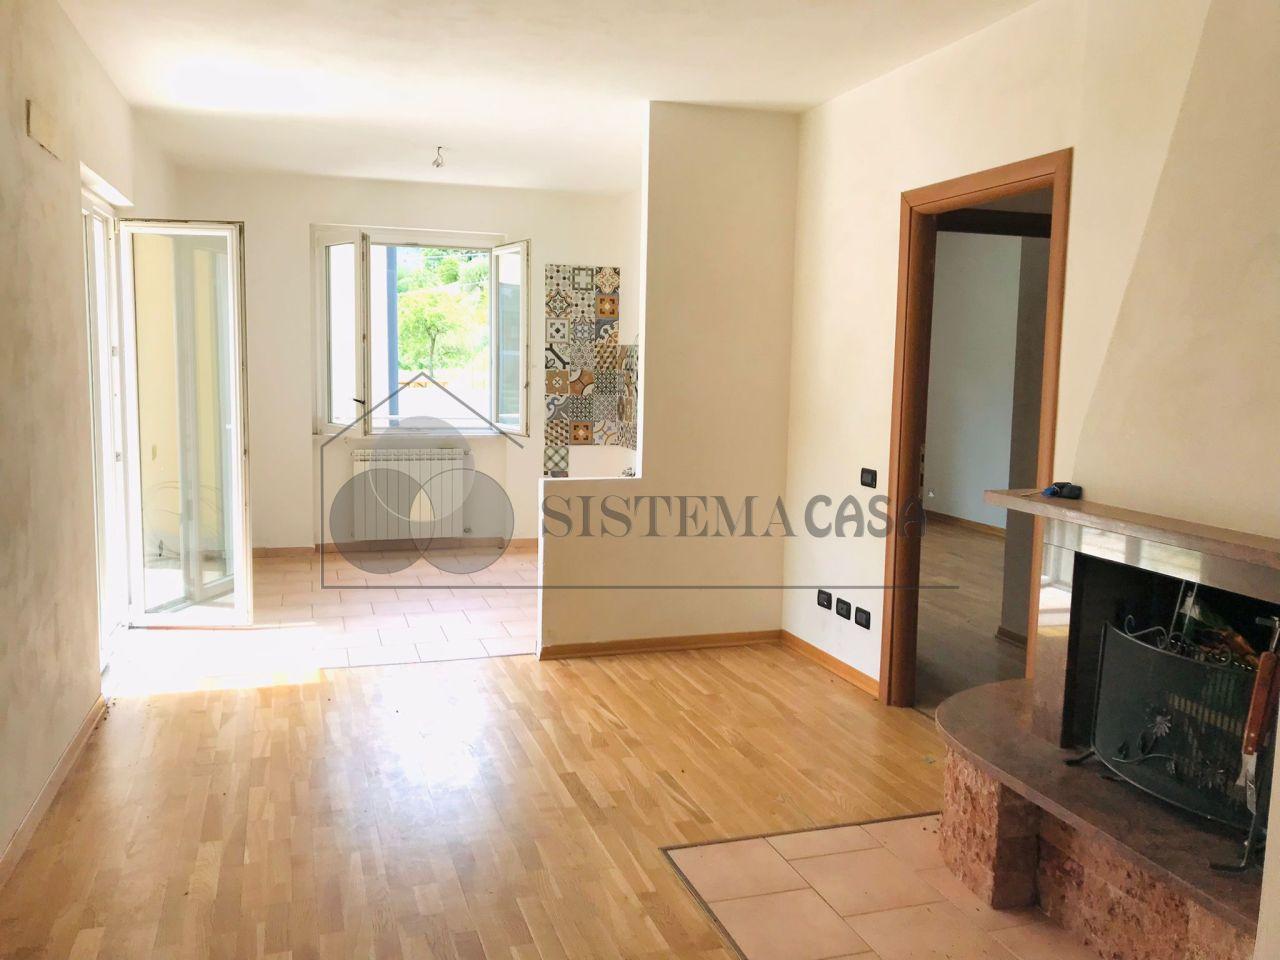 Appartamento in vendita a Follo, 4 locali, prezzo € 155.000   PortaleAgenzieImmobiliari.it